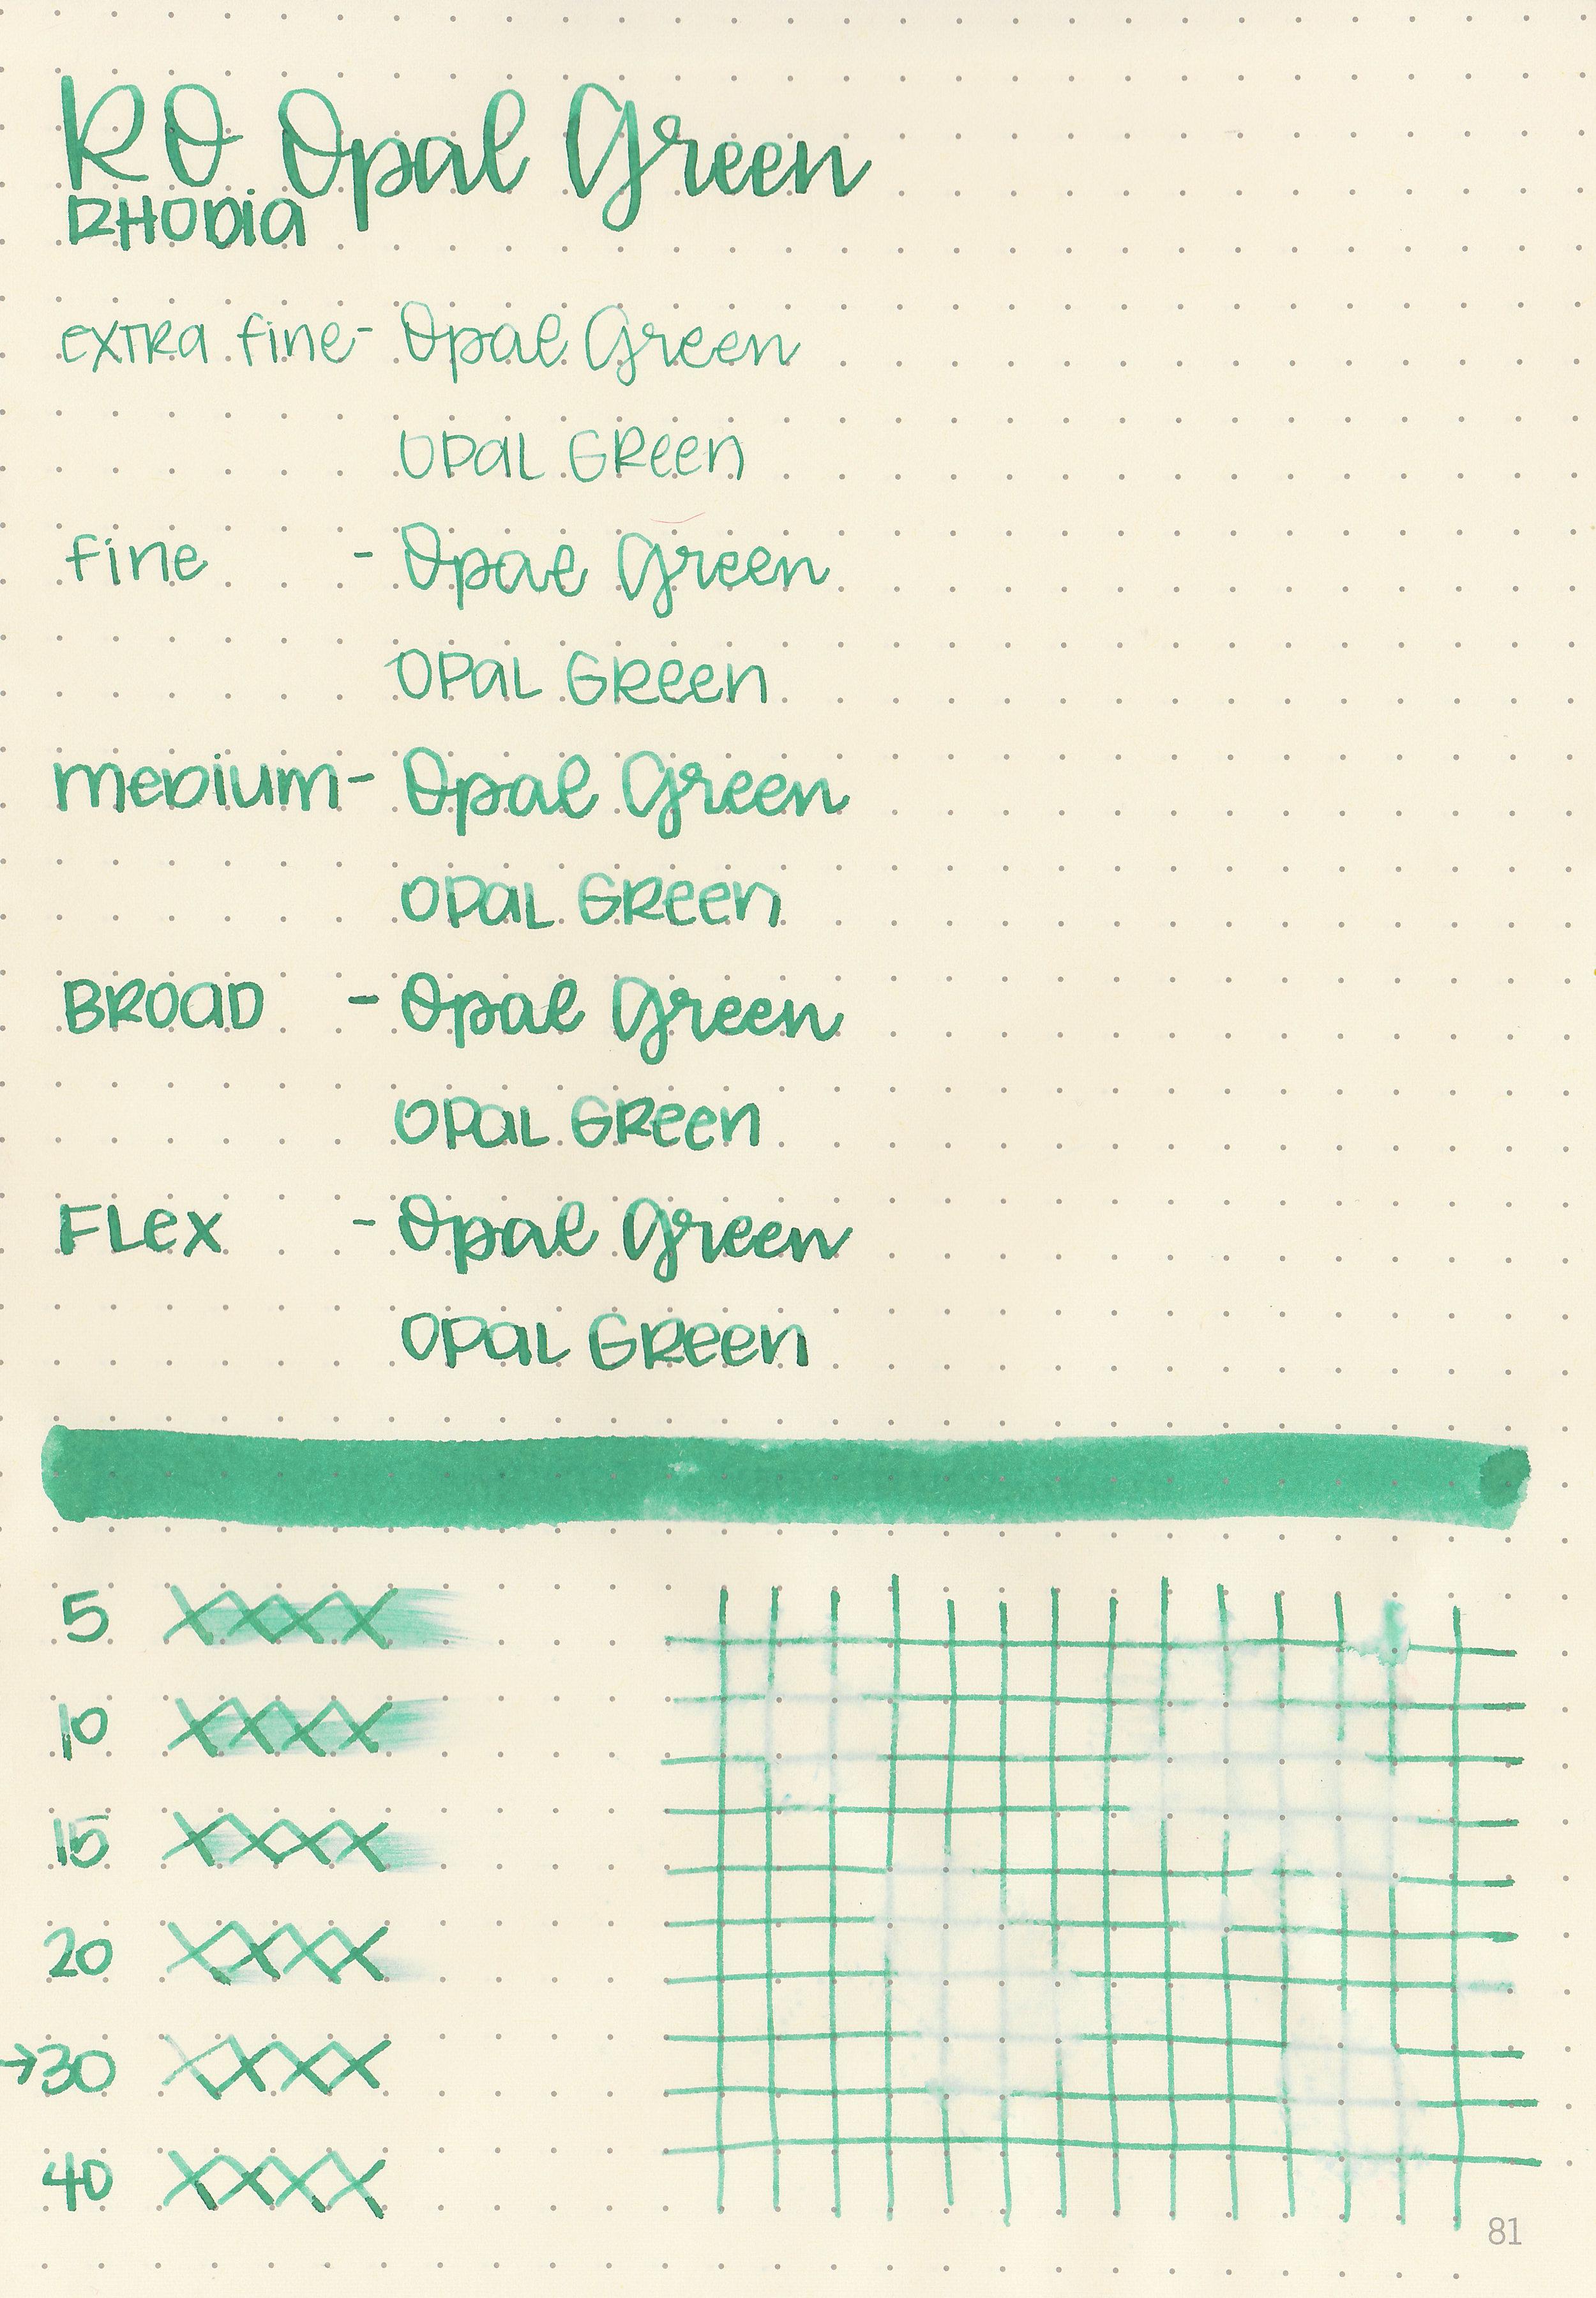 ro-opal-green-5.jpg